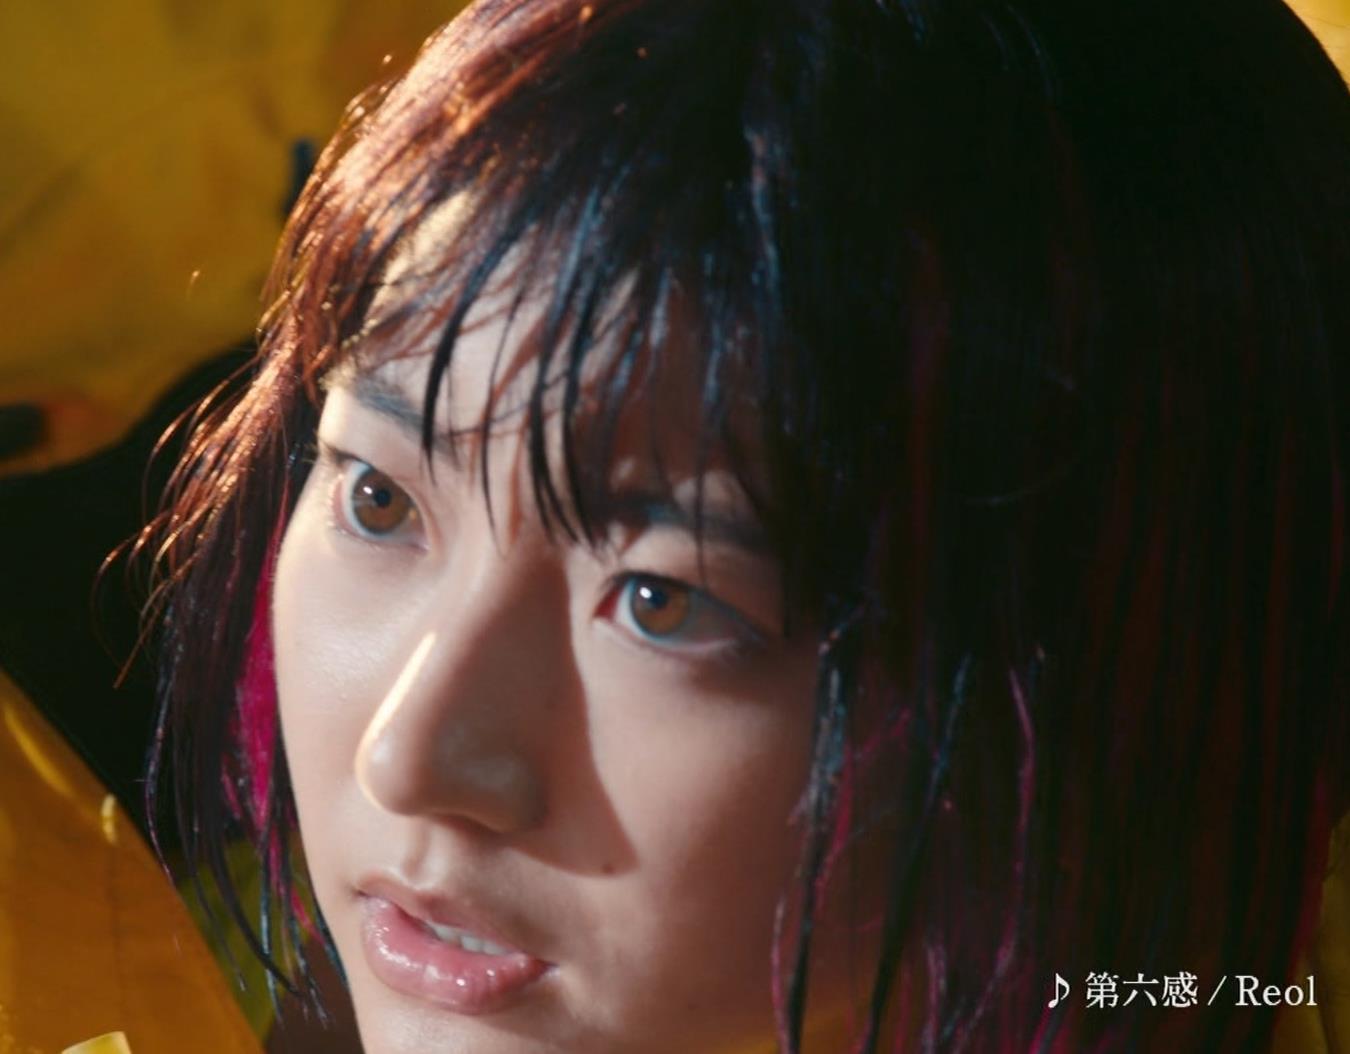 武田玲奈 ビキニおっぱいが見れるCMキャプ・エロ画像2